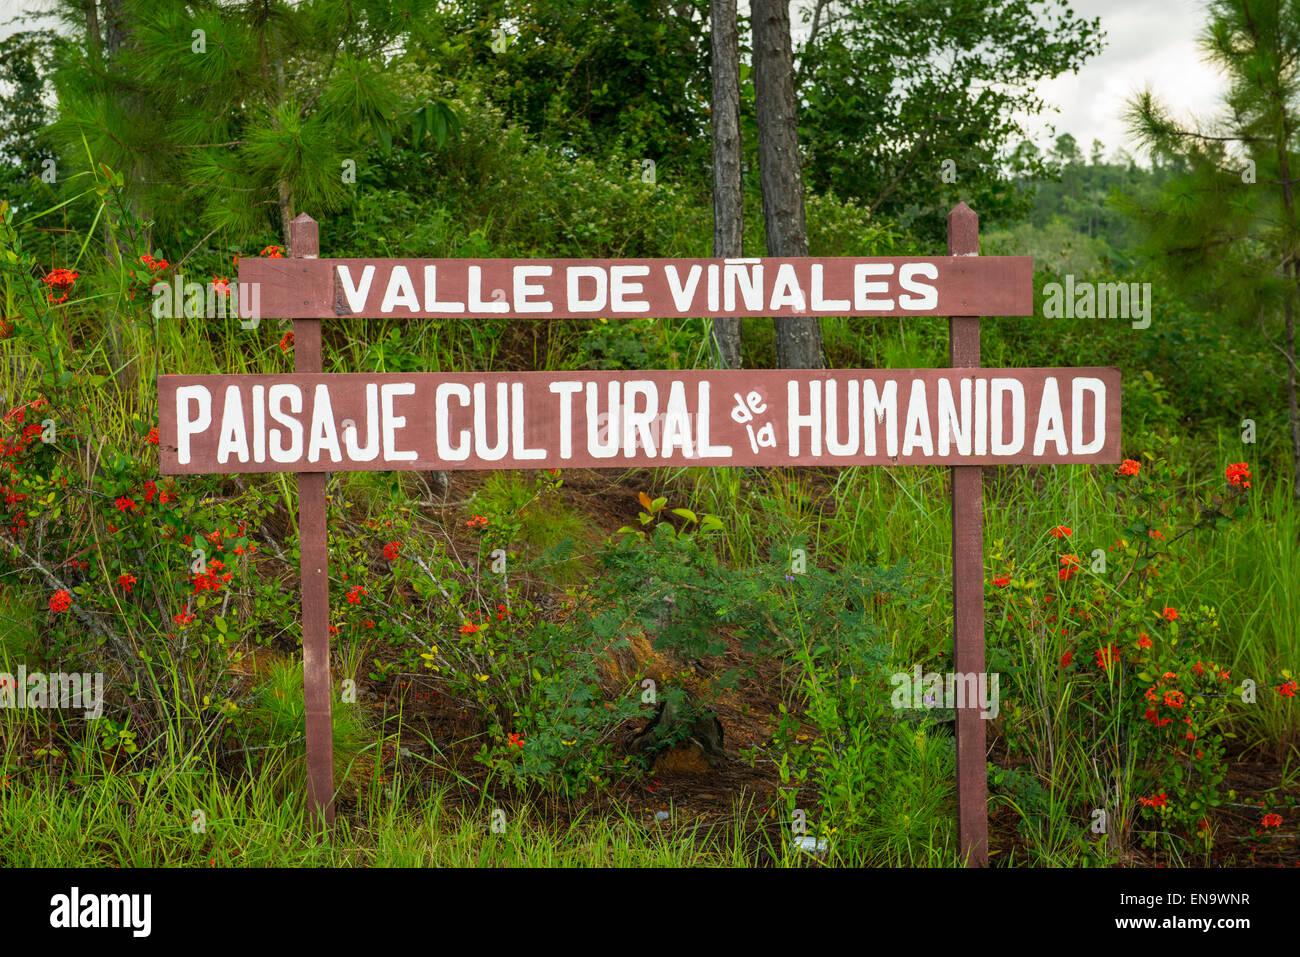 Kuba unterzeichnen für Tal Valle de Vinales Paisaje Cultural De La Humanidad Kulturlandschaften der Menschheit Stockbild